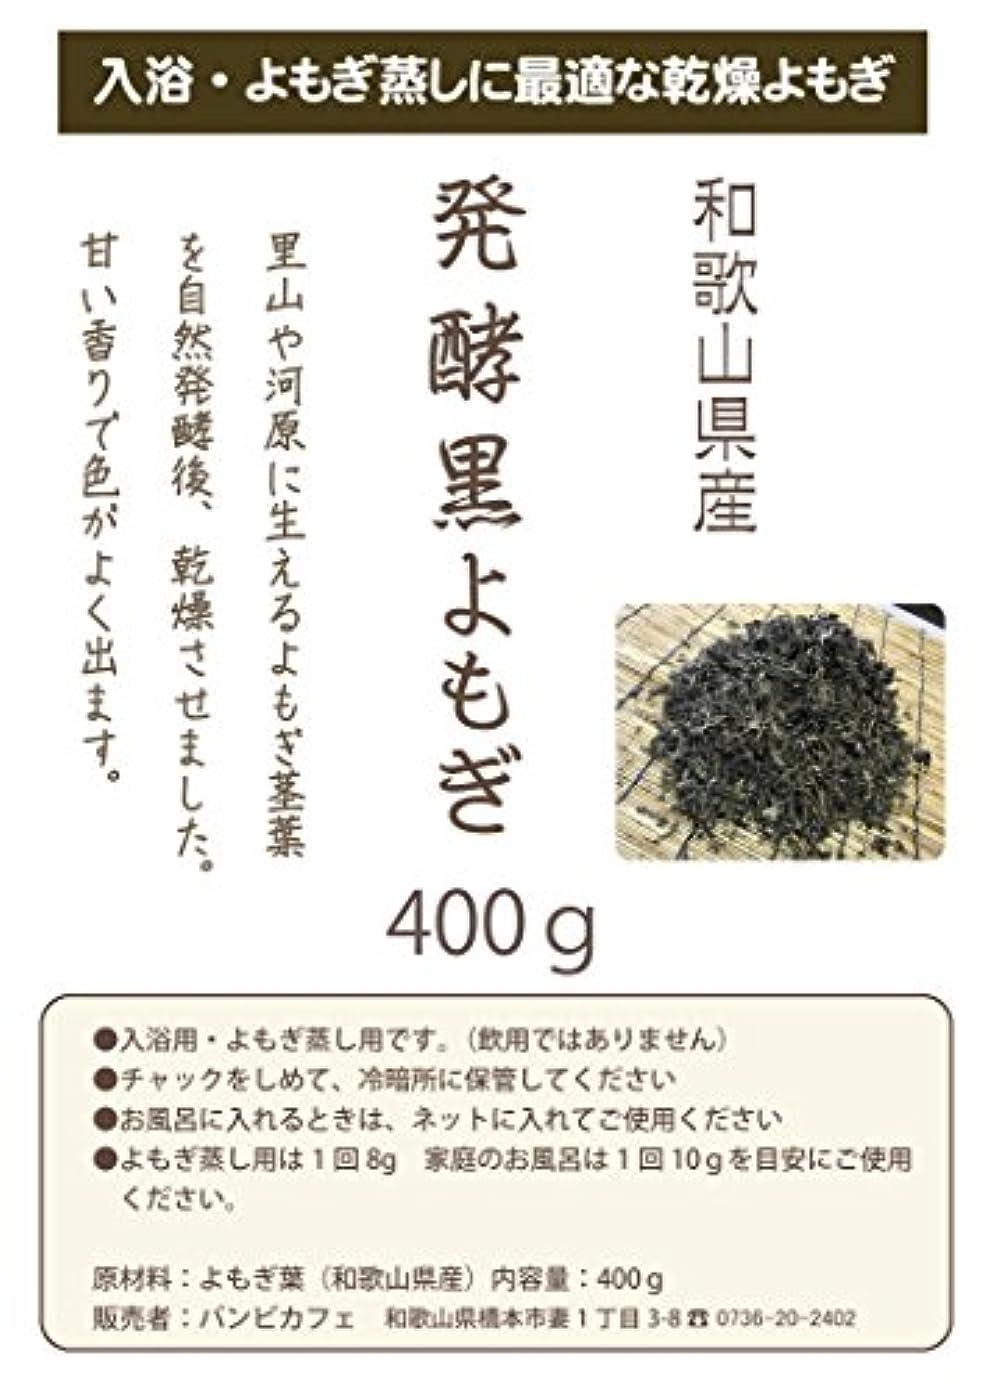 とげのあるお母さん不健全発酵黒よもぎ 400g 乾燥 和歌山県産 入浴用に特化発酵 黒 よもぎ